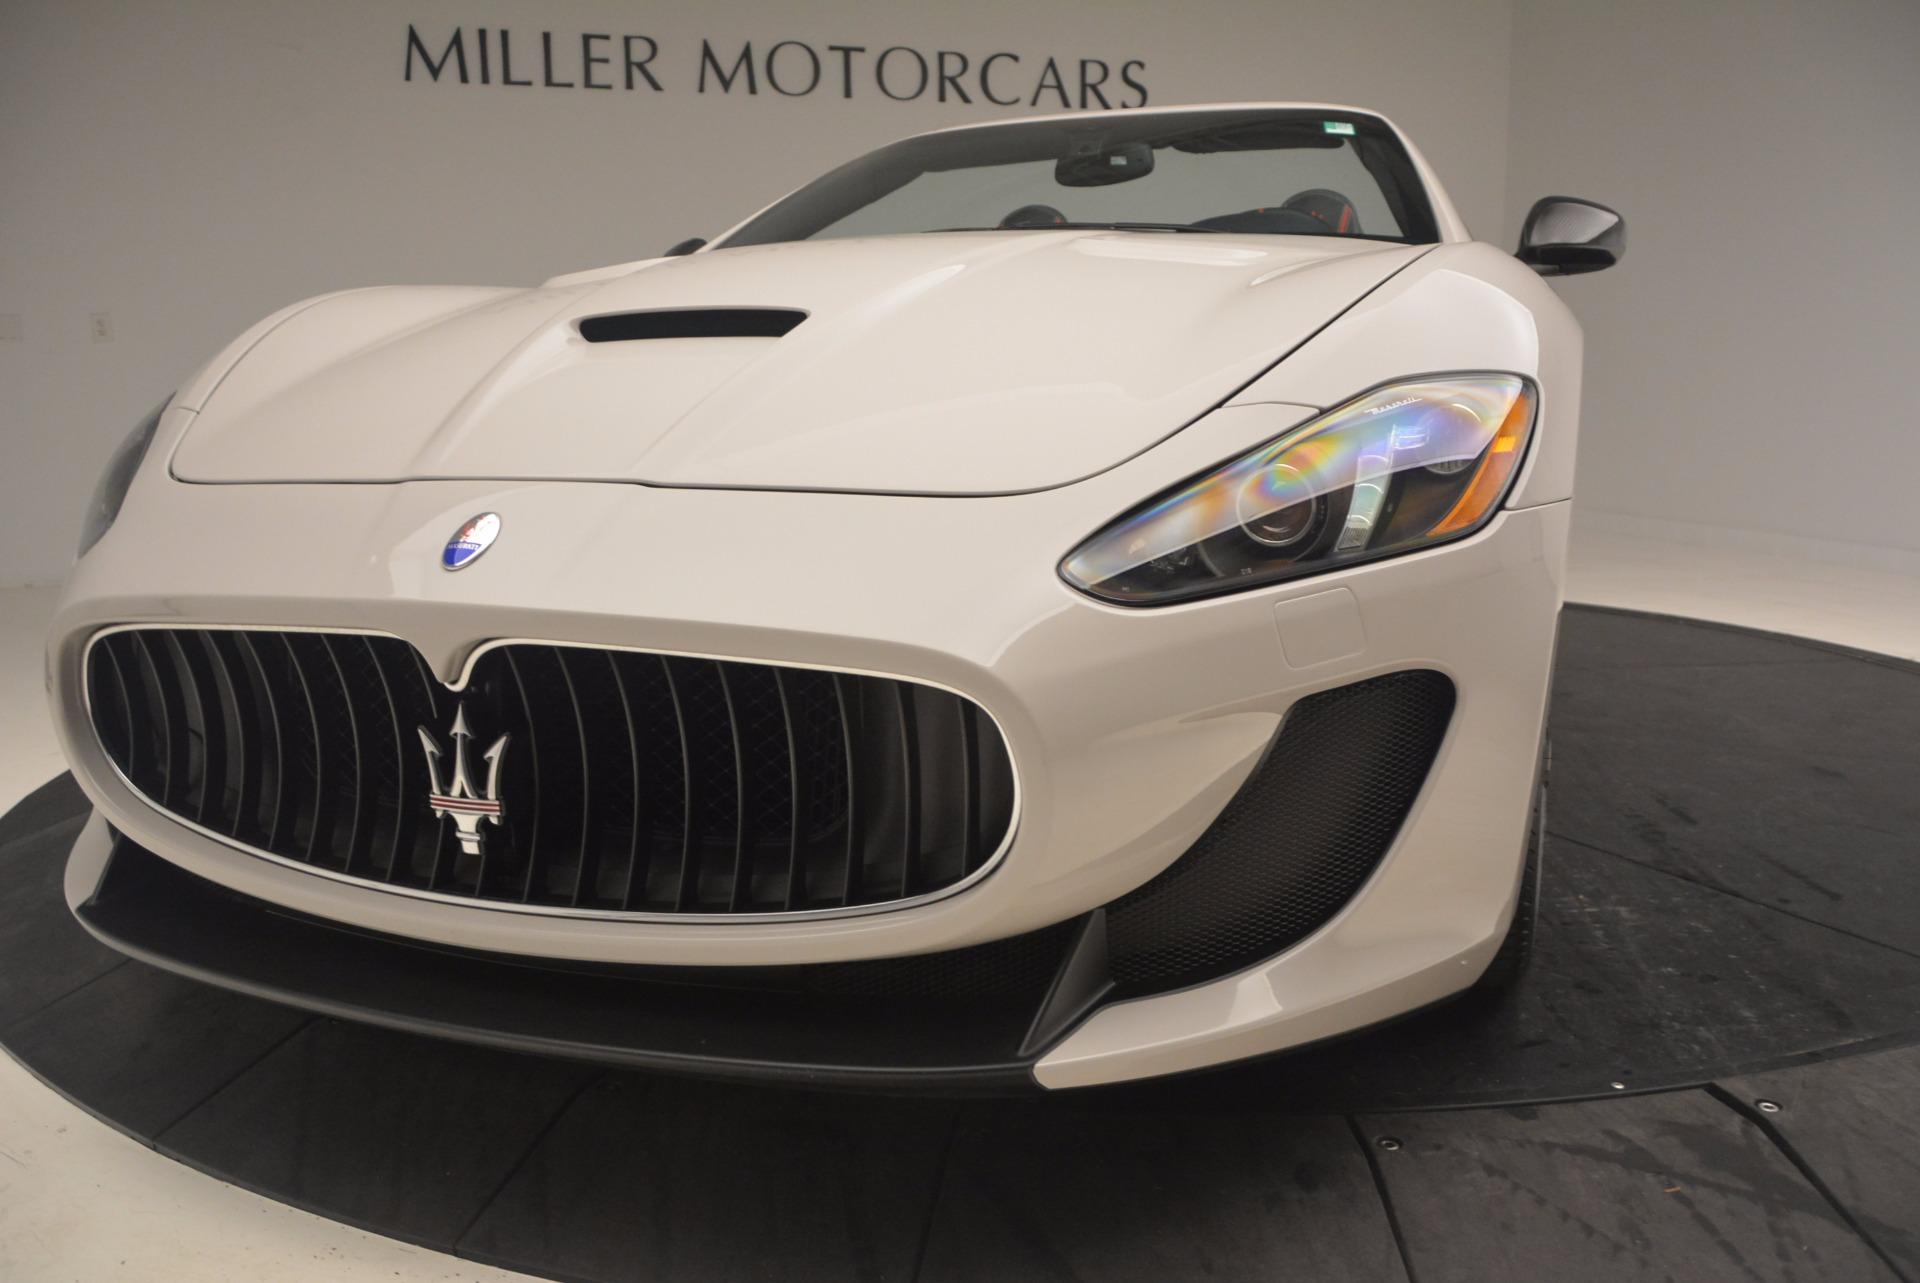 Used 2015 Maserati GranTurismo MC Centennial For Sale In Greenwich, CT. Alfa Romeo of Greenwich, 7187 1107_p25